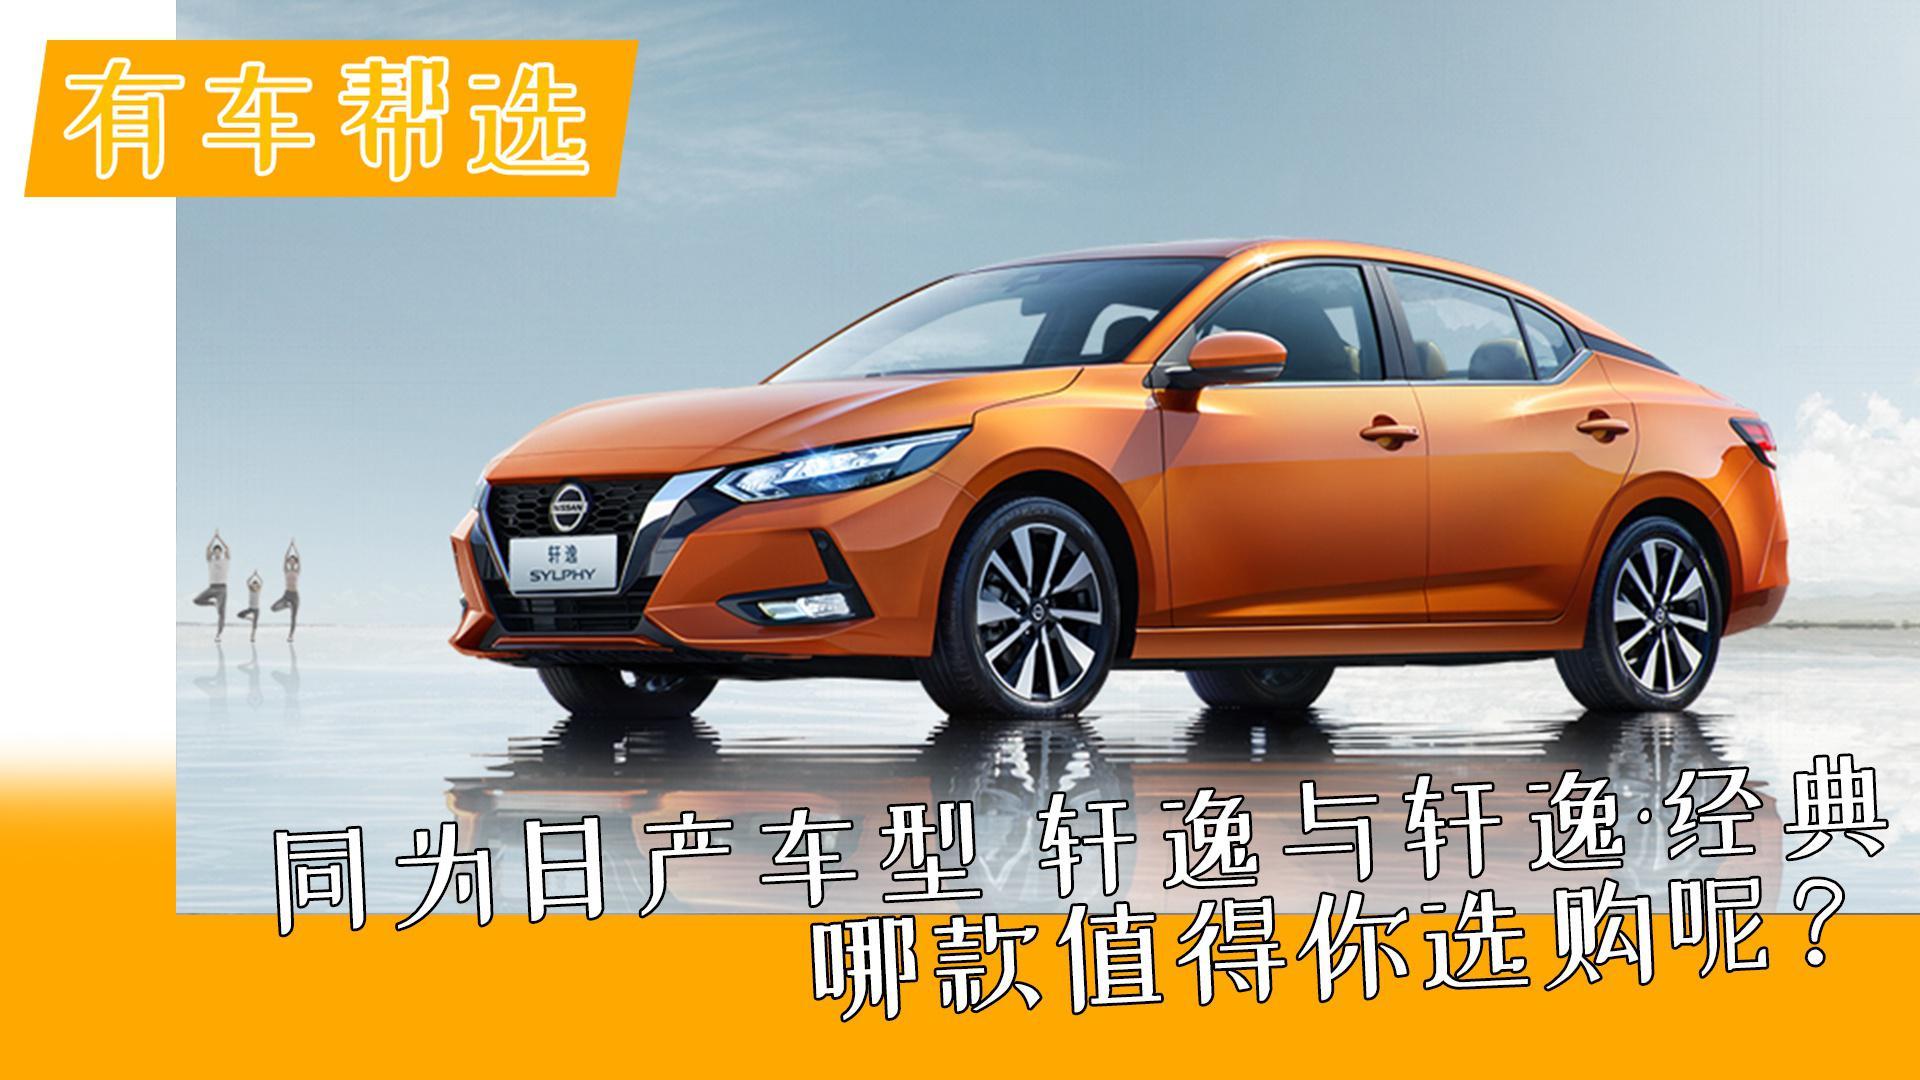 视频:同为日产车型 轩逸与轩逸·经典哪款值得你选购呢?